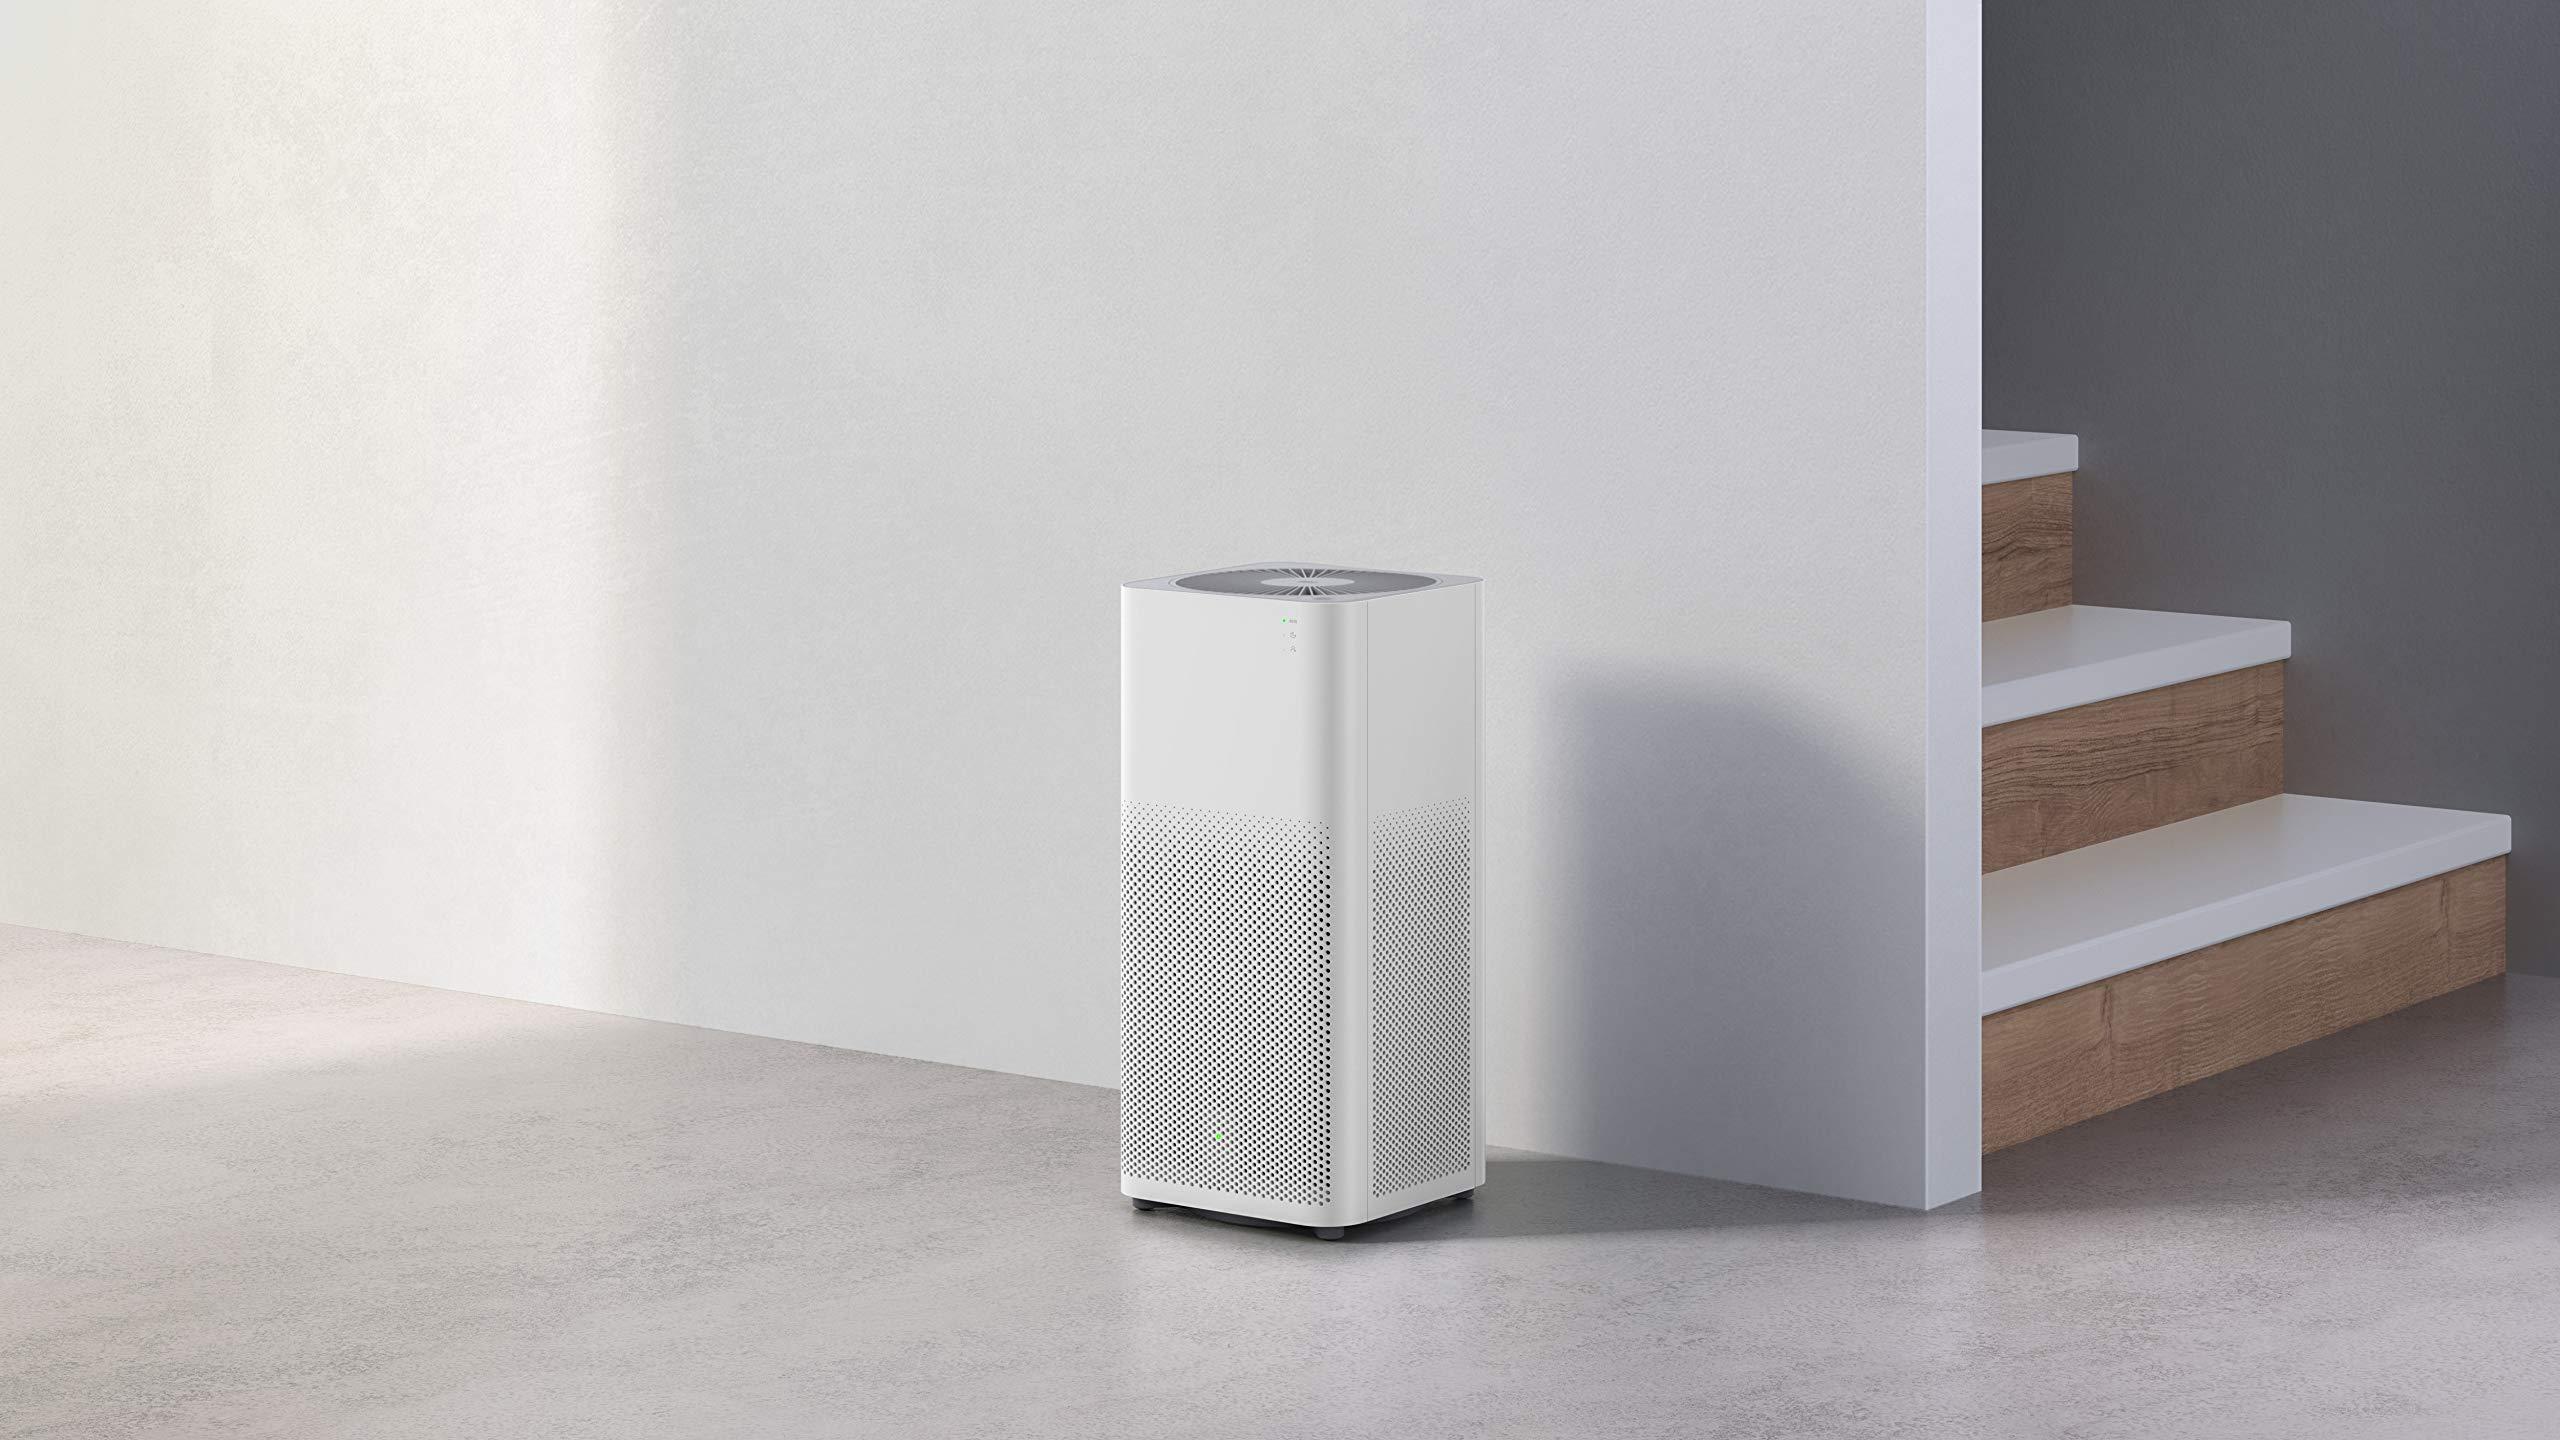 Xiaomi-Mi-Air-Purifier